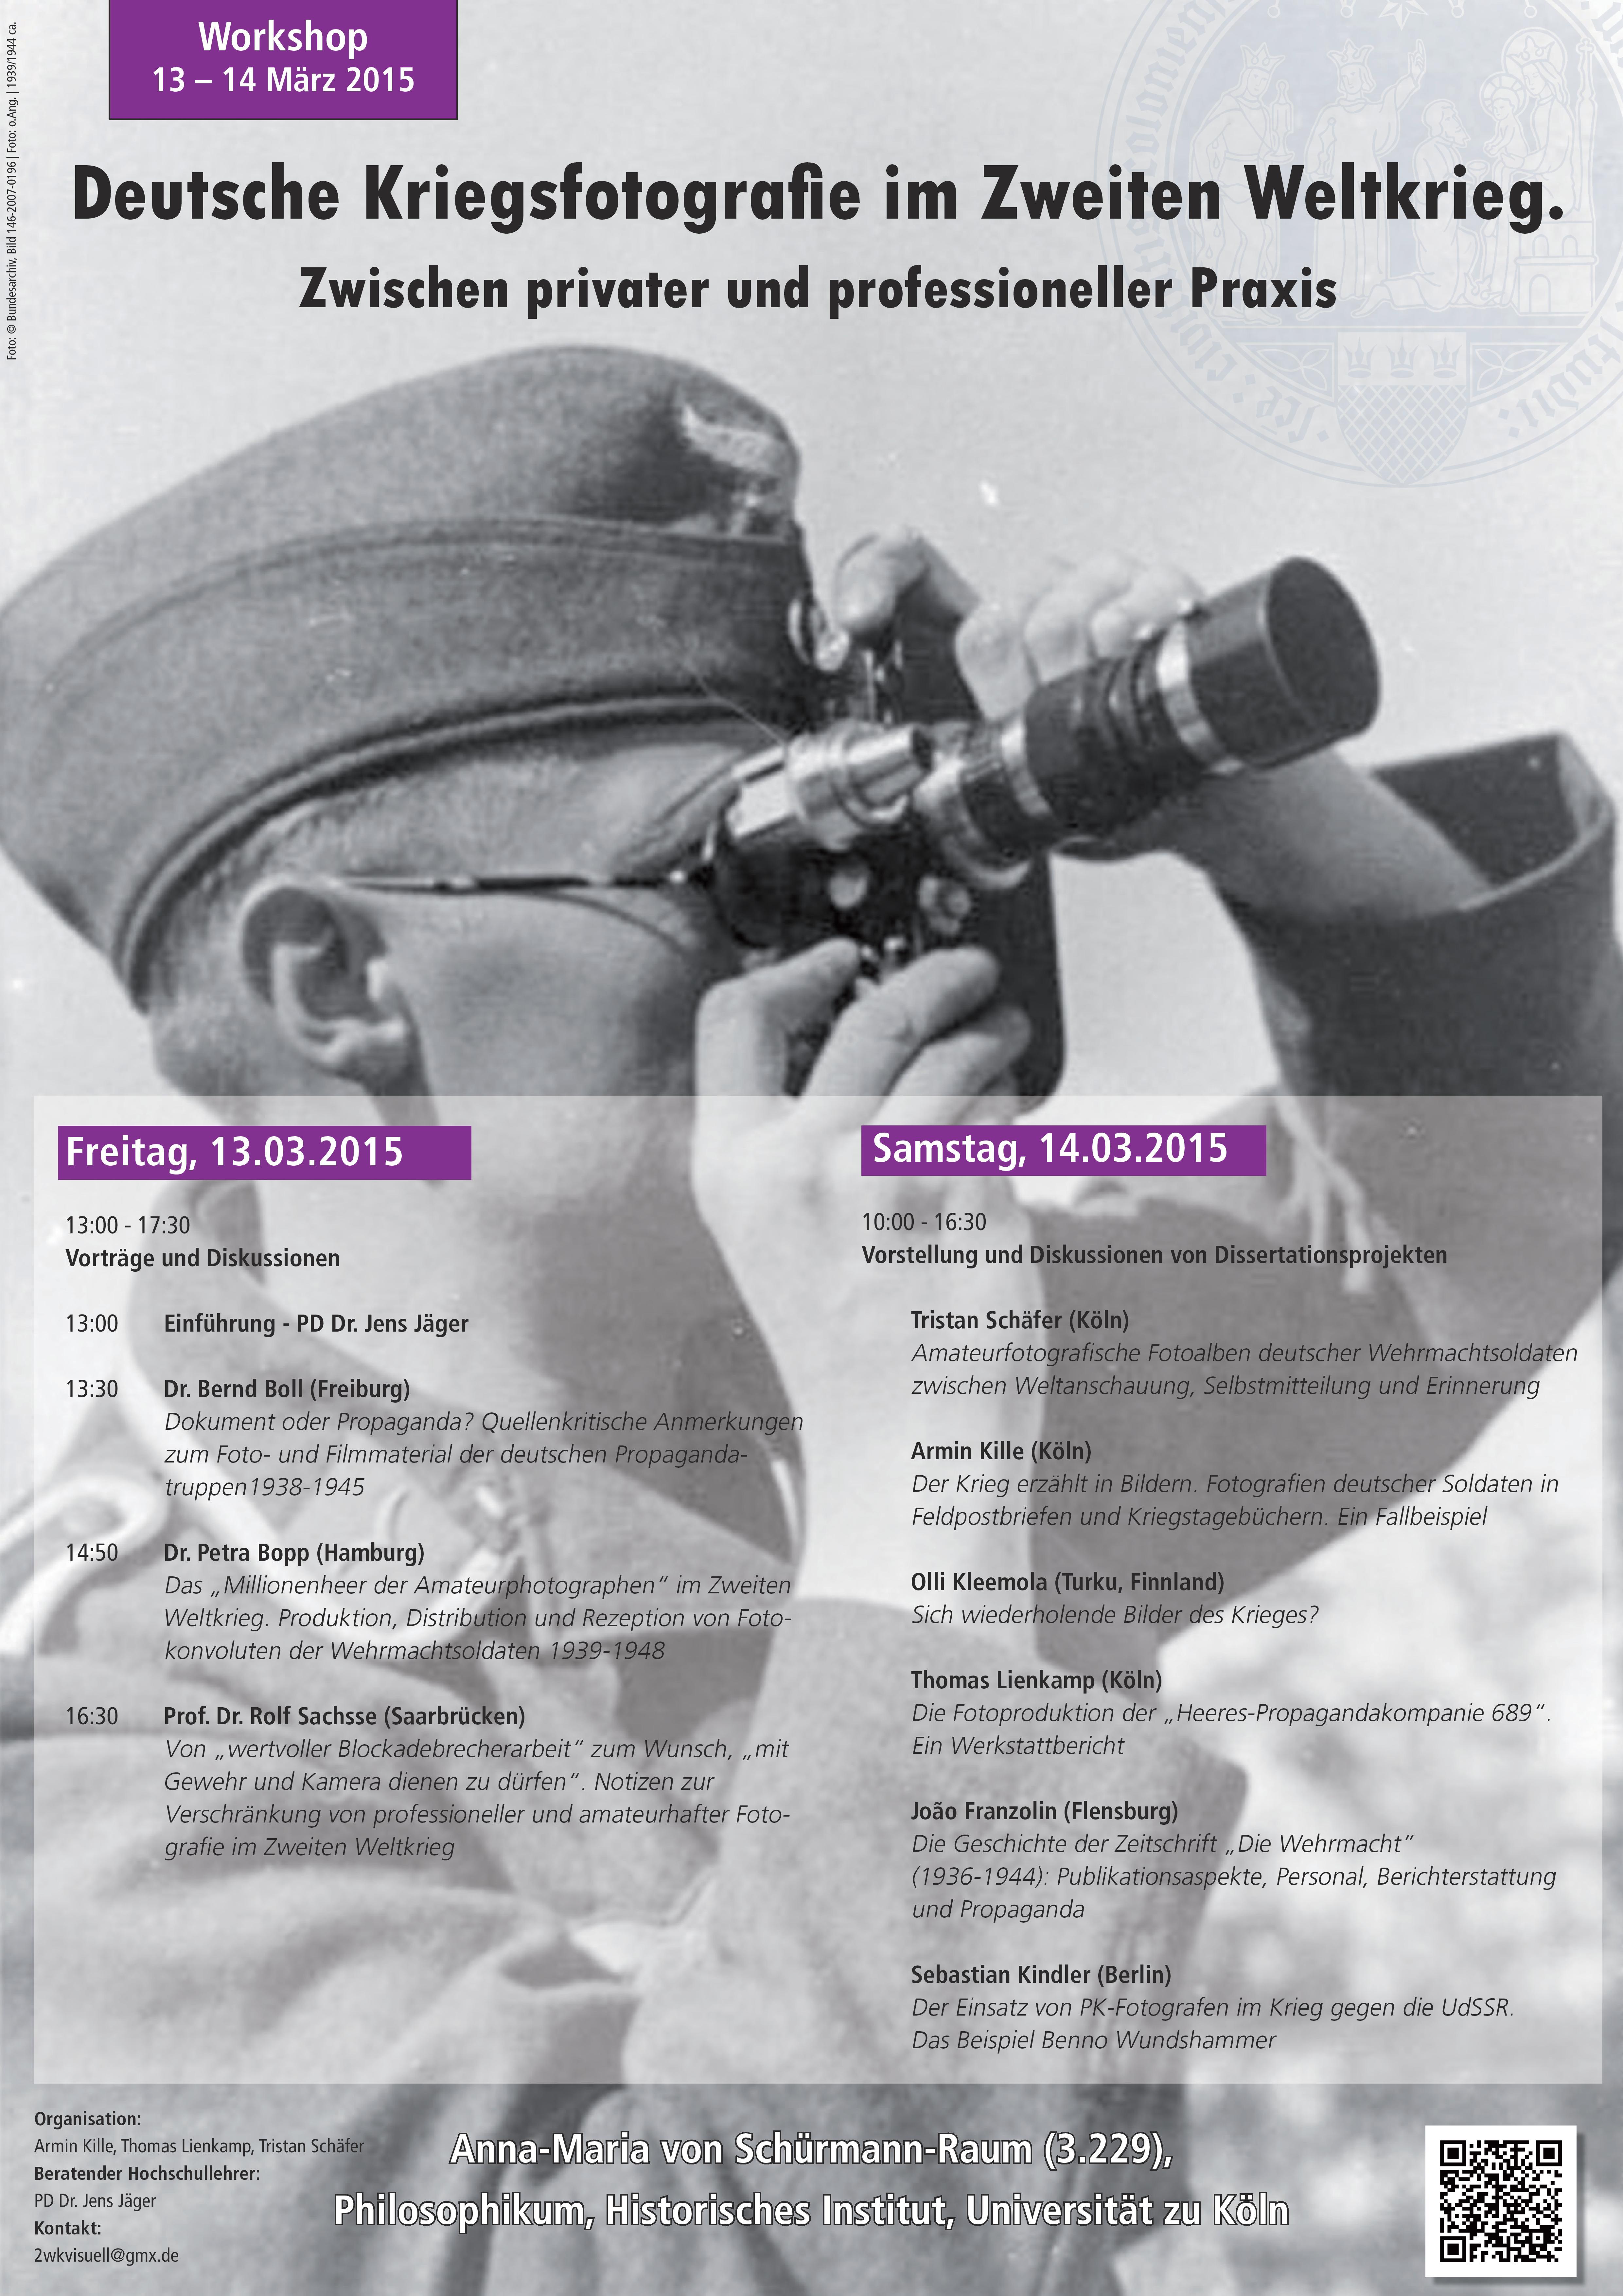 Deutsche_Kriegsfotografie_final_web-page-001